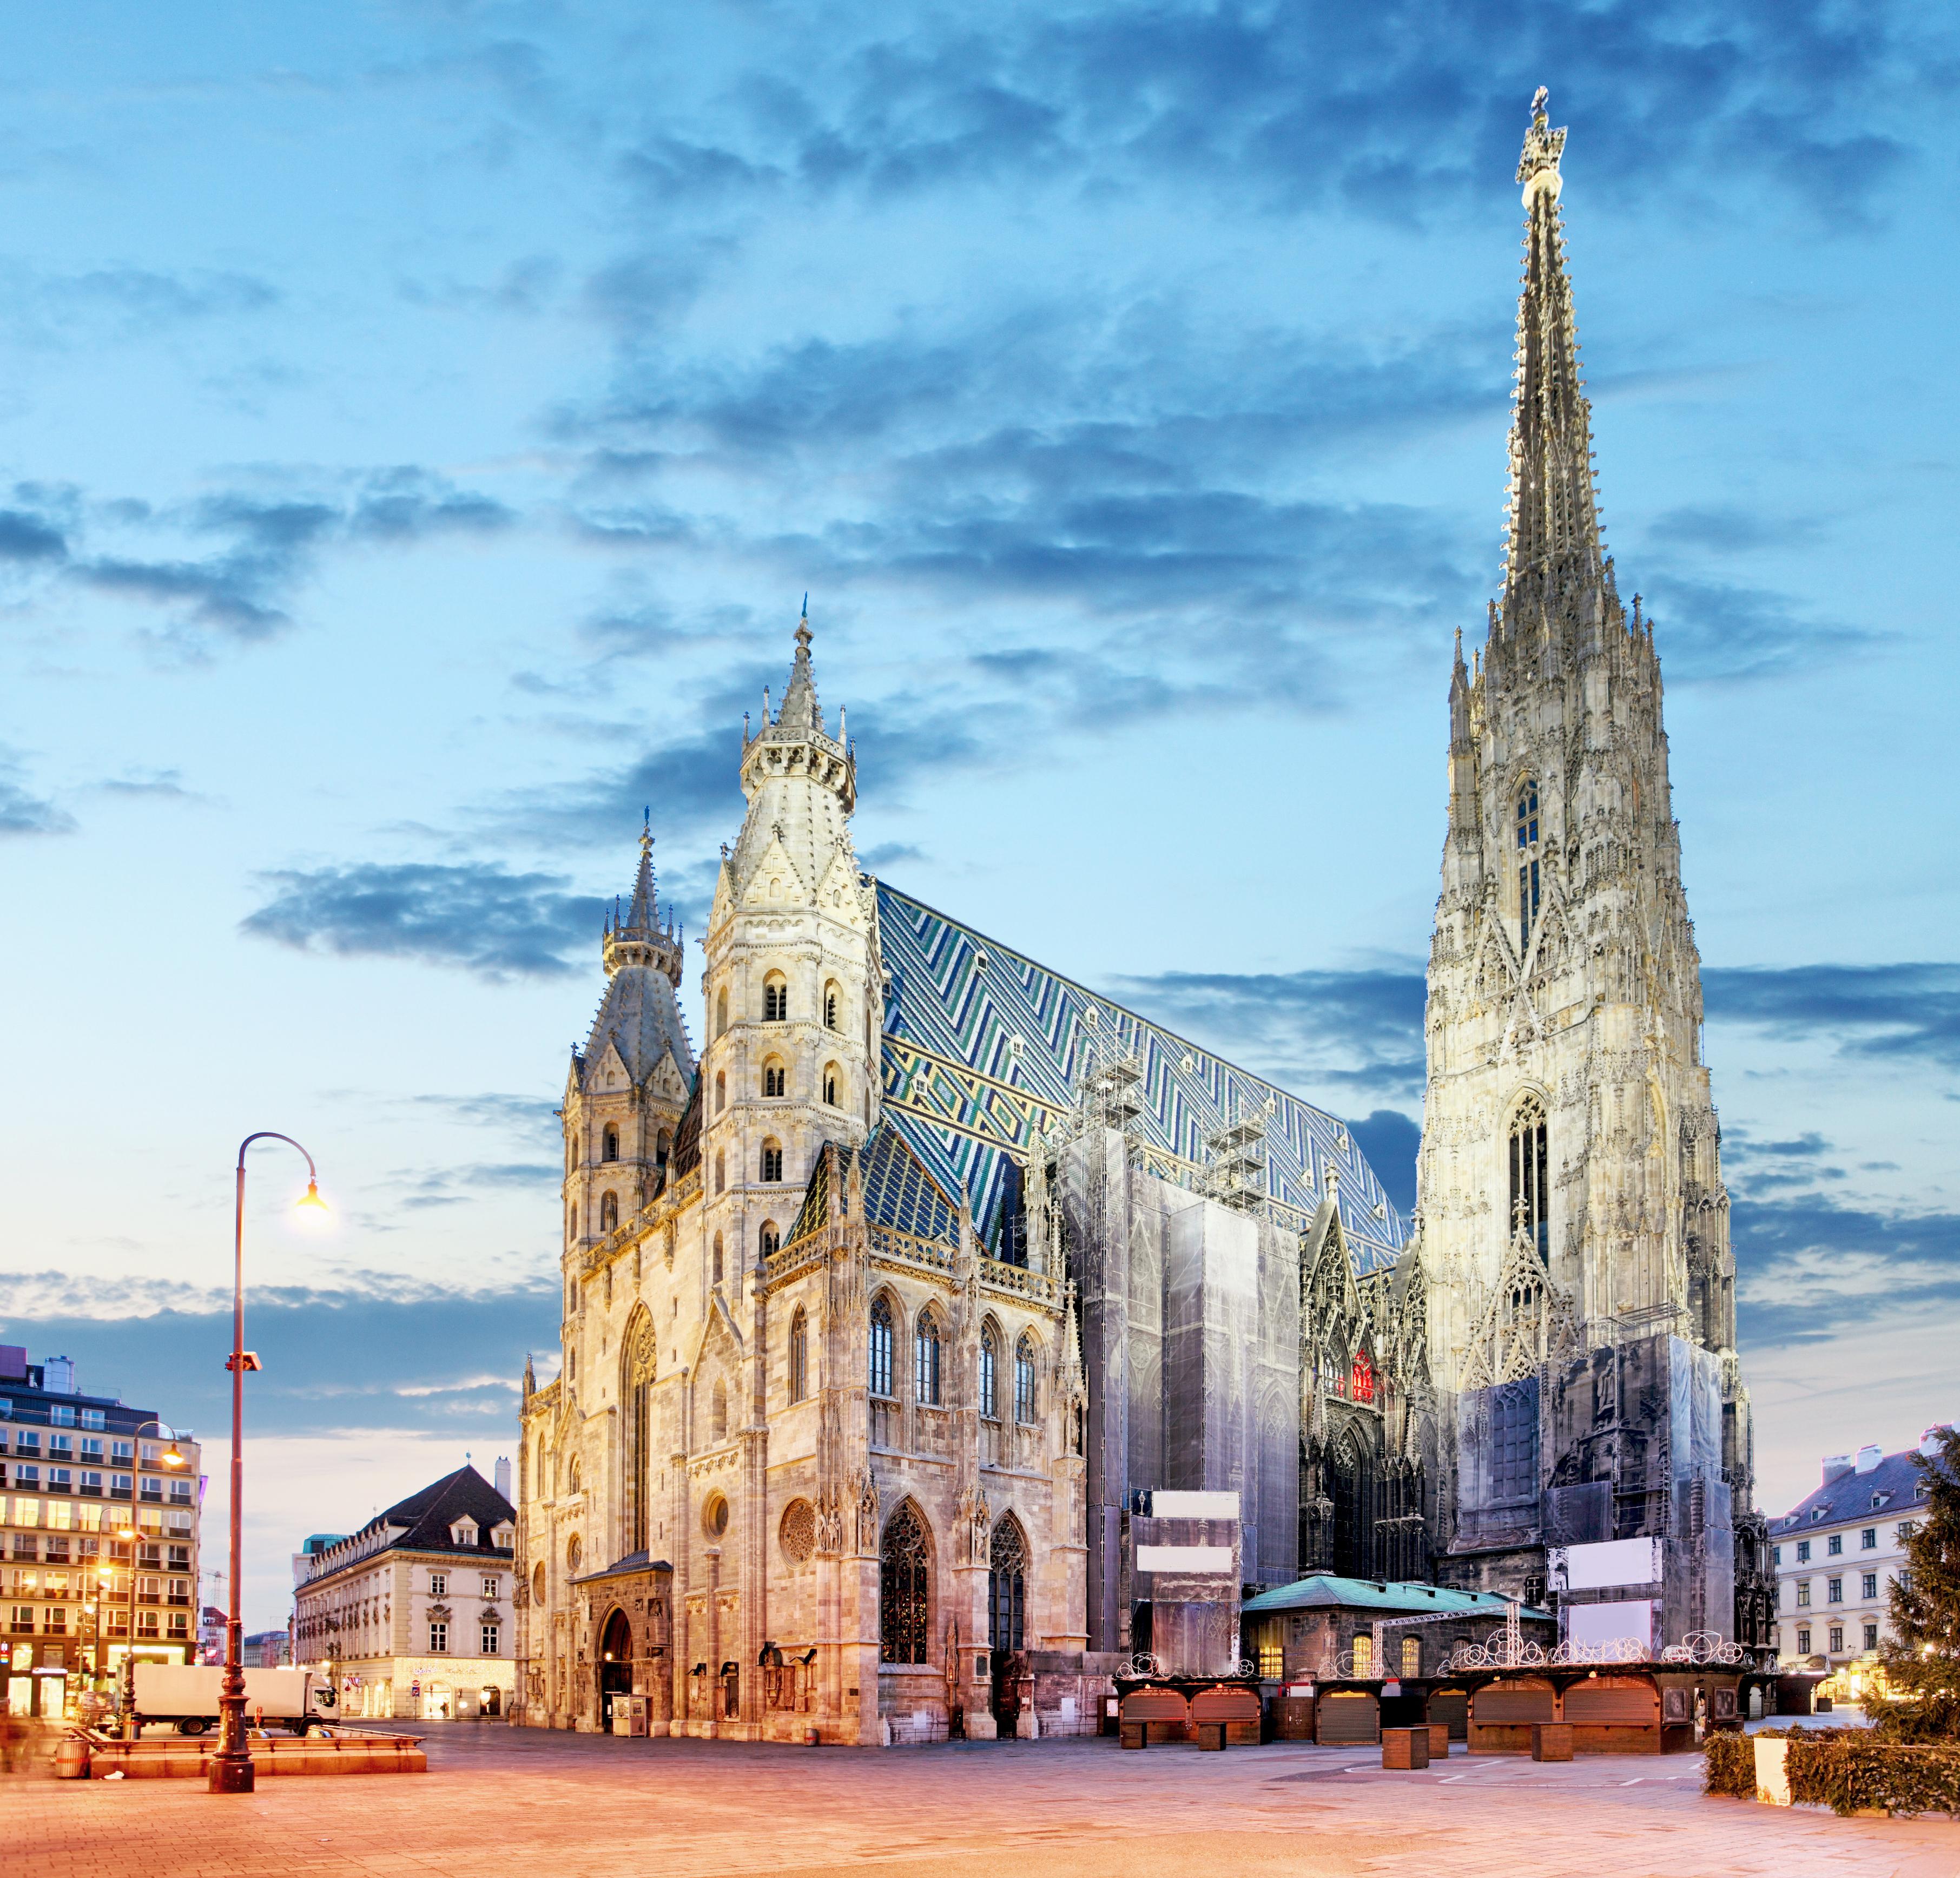 Súbete al cielo de Viena con 'Steffl' - Alemania Circuito Berlín y Europa Imperial